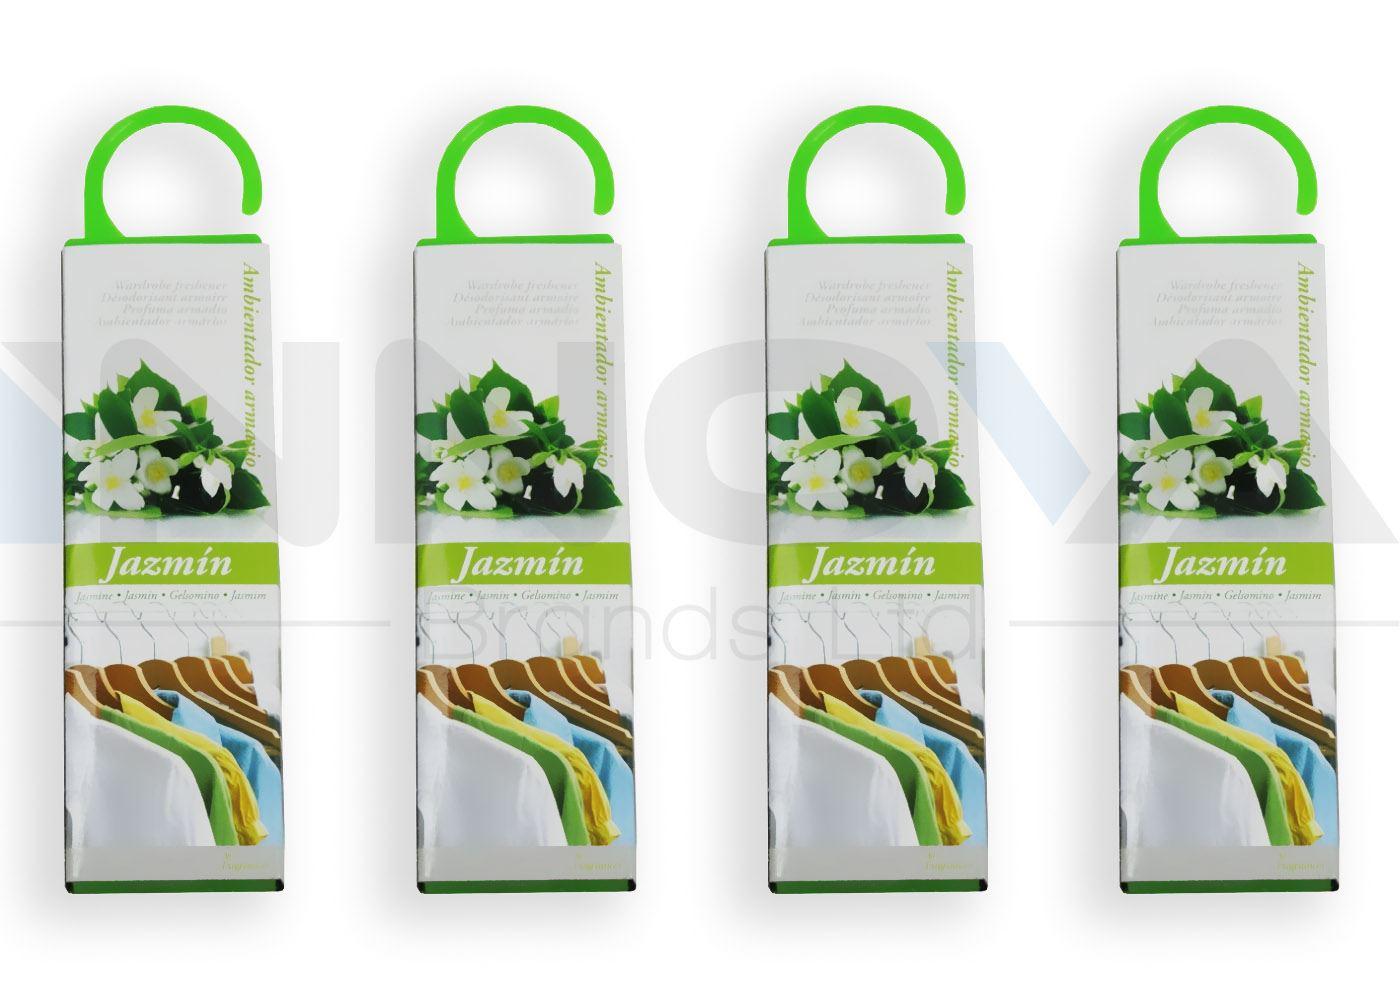 New-Scented-Sachets-Drawer-Fragrance-Bags-Wardrobe-Freshener-Rose-Jasmine-Flower thumbnail 7